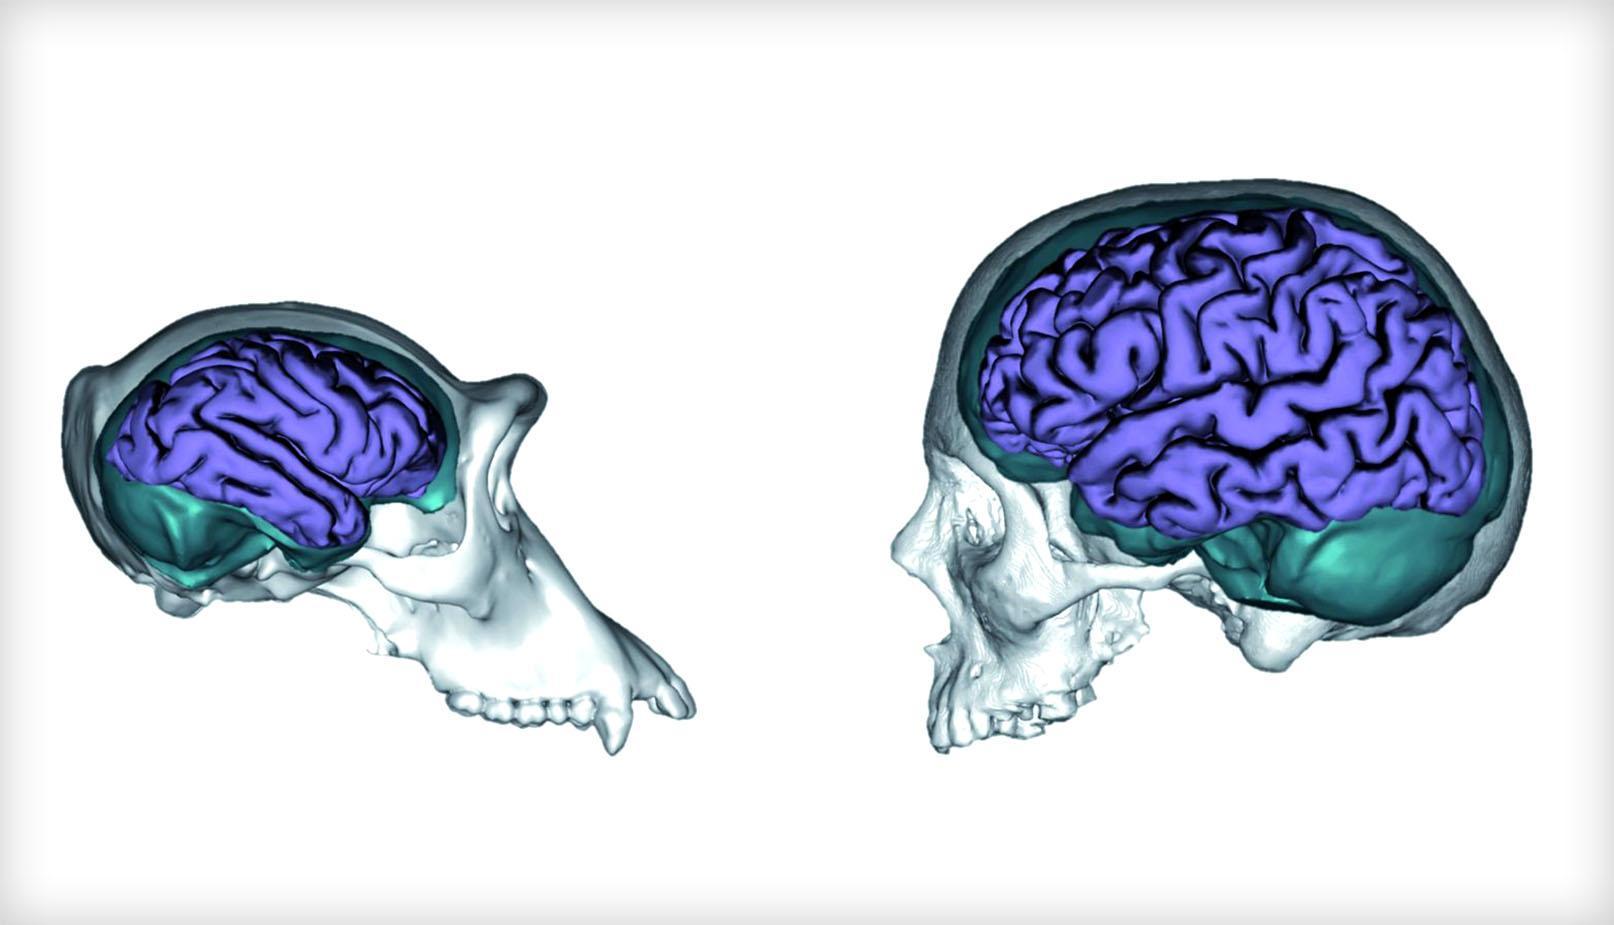 Установлена причина неодинаковой массы мозга у человека и обезьян